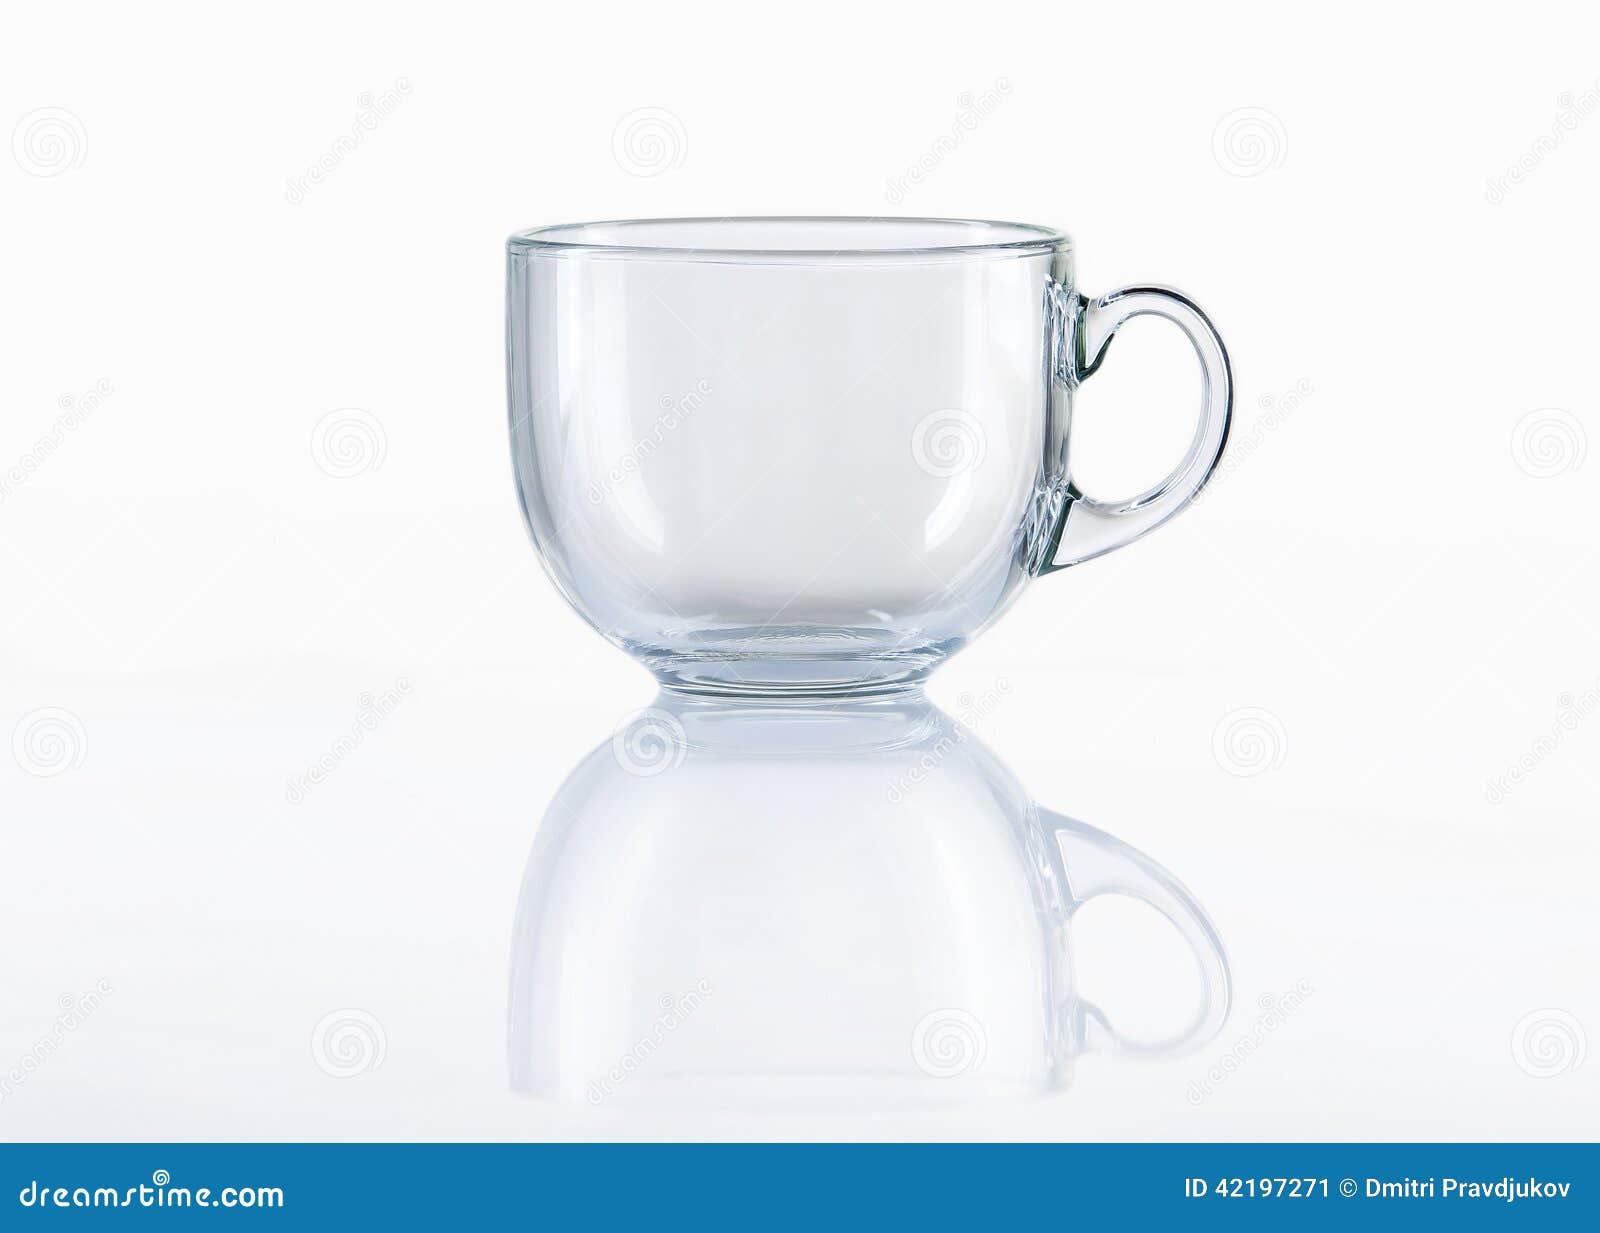 在白色背景的空的玻璃茶杯图片